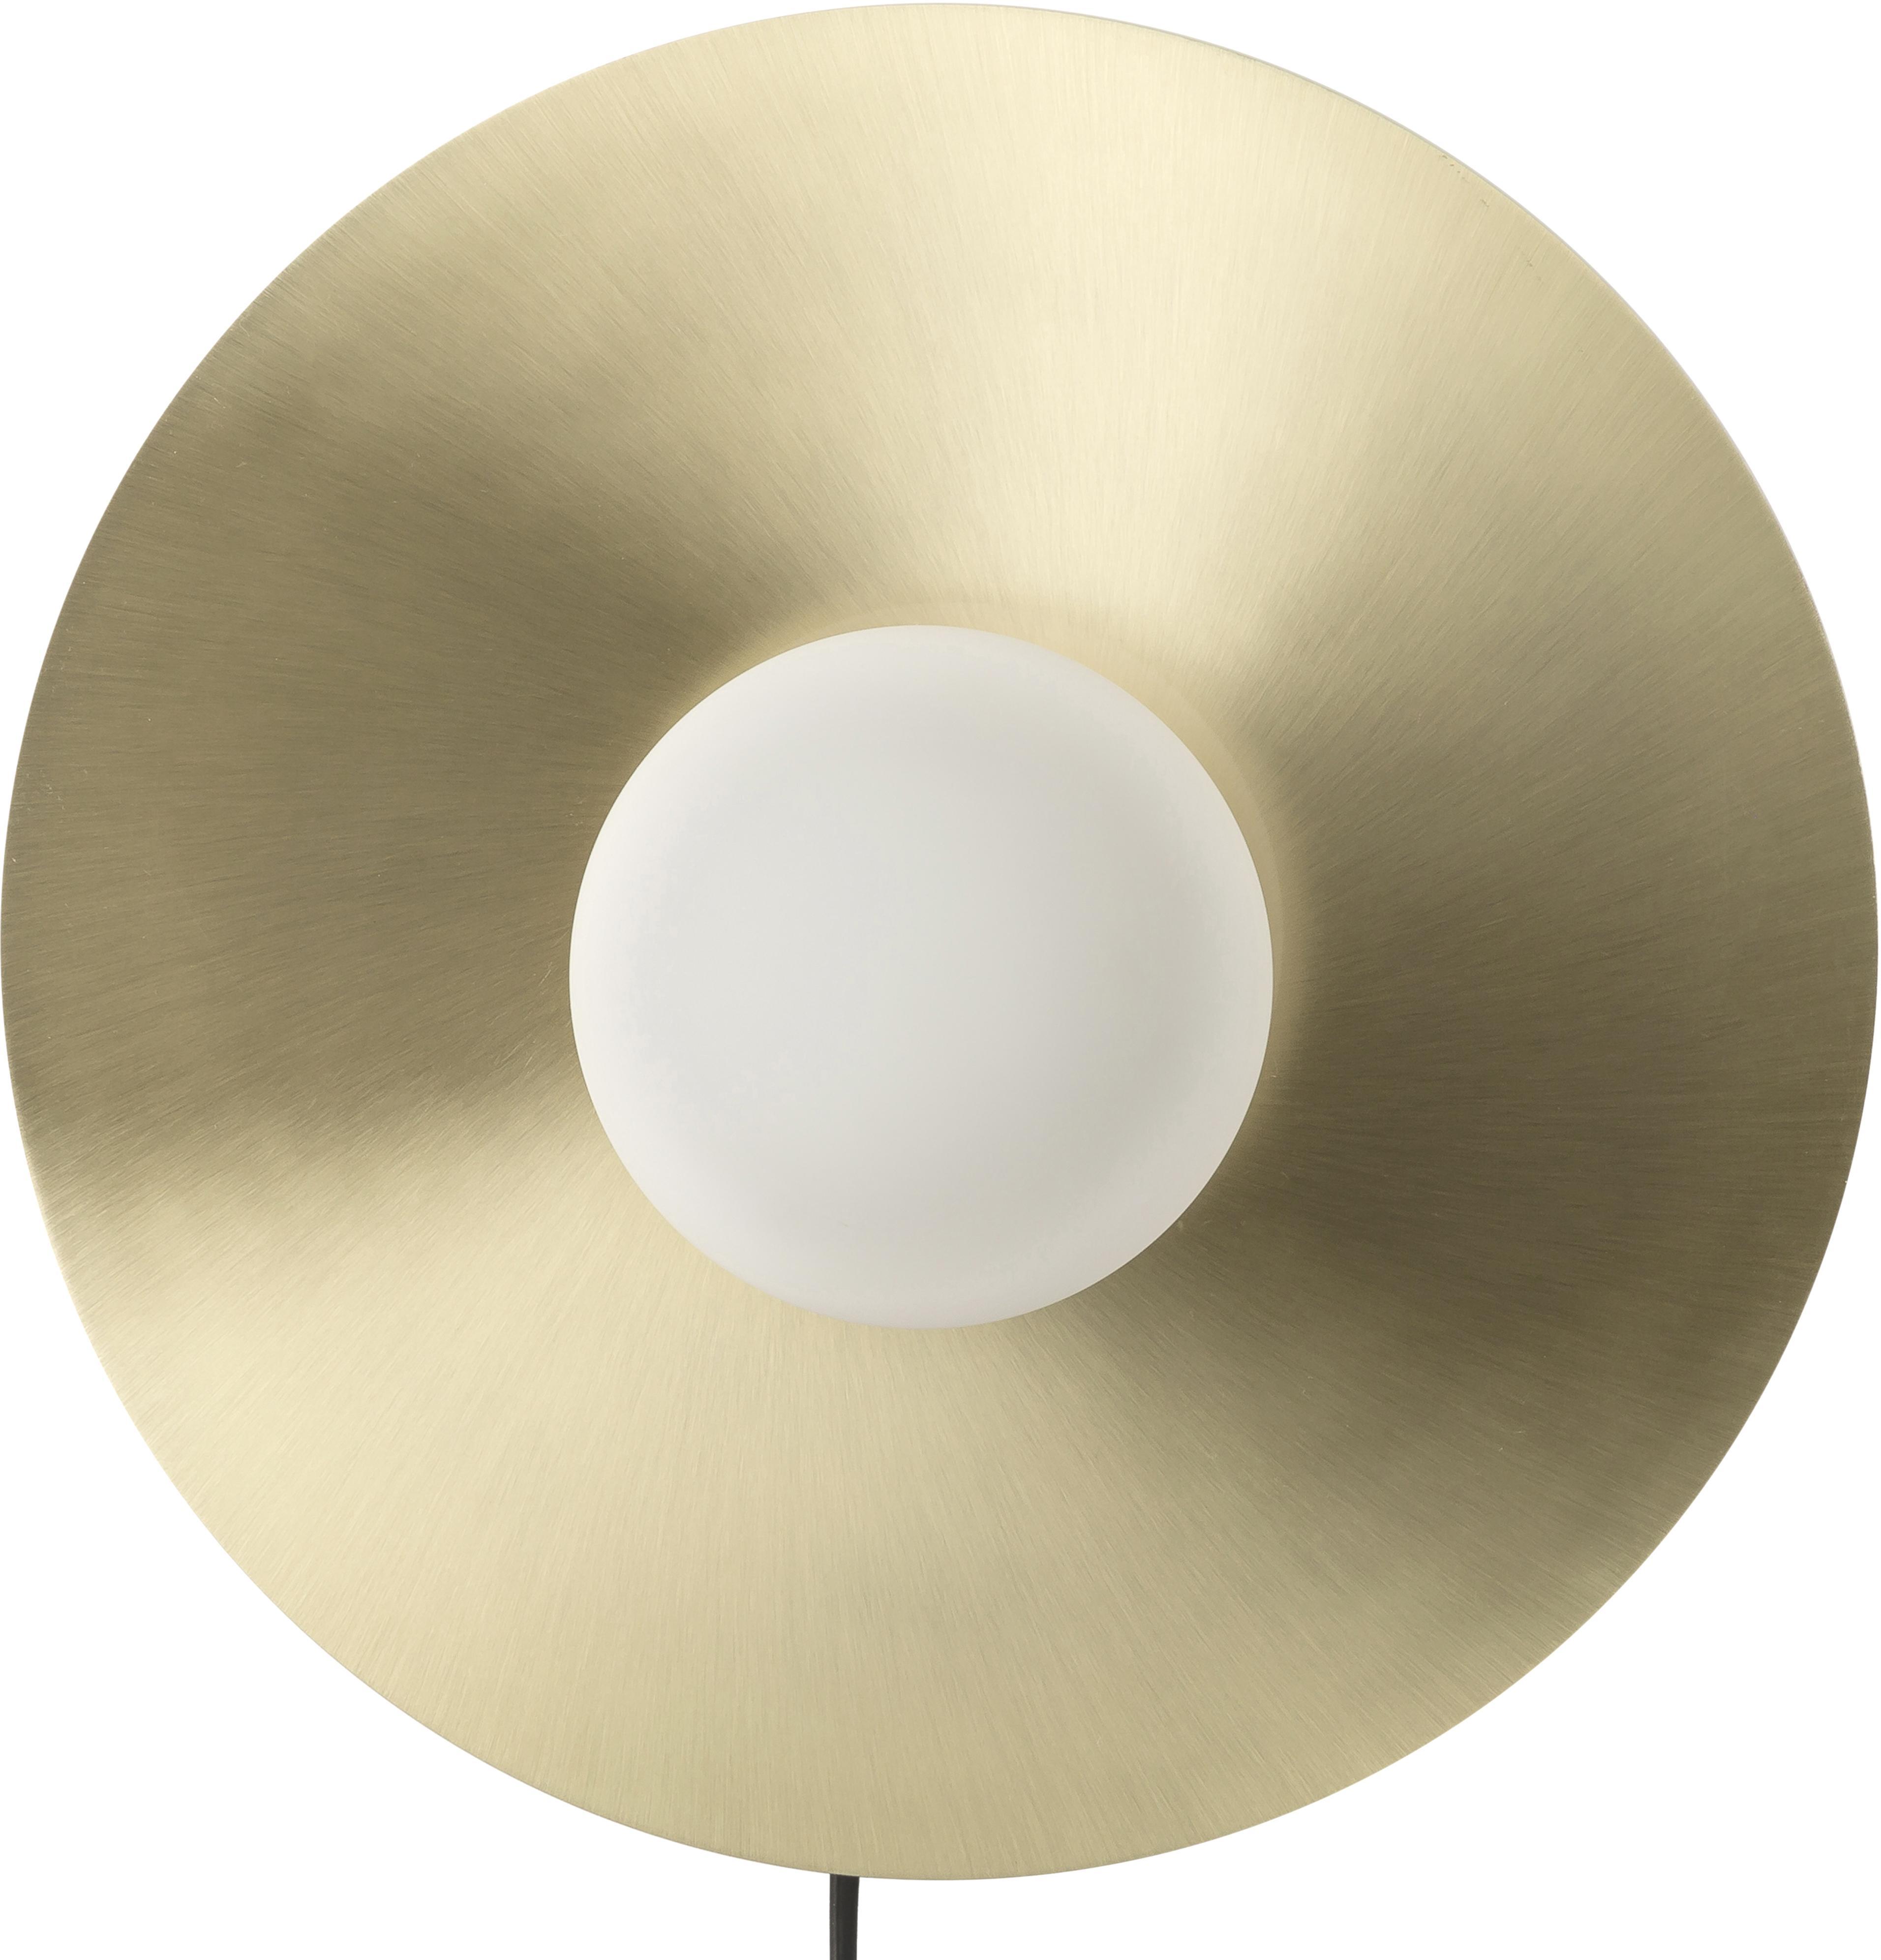 Applique LED en laiton Starling, Rosace: couleur laiton, matAbat-jour: blanc